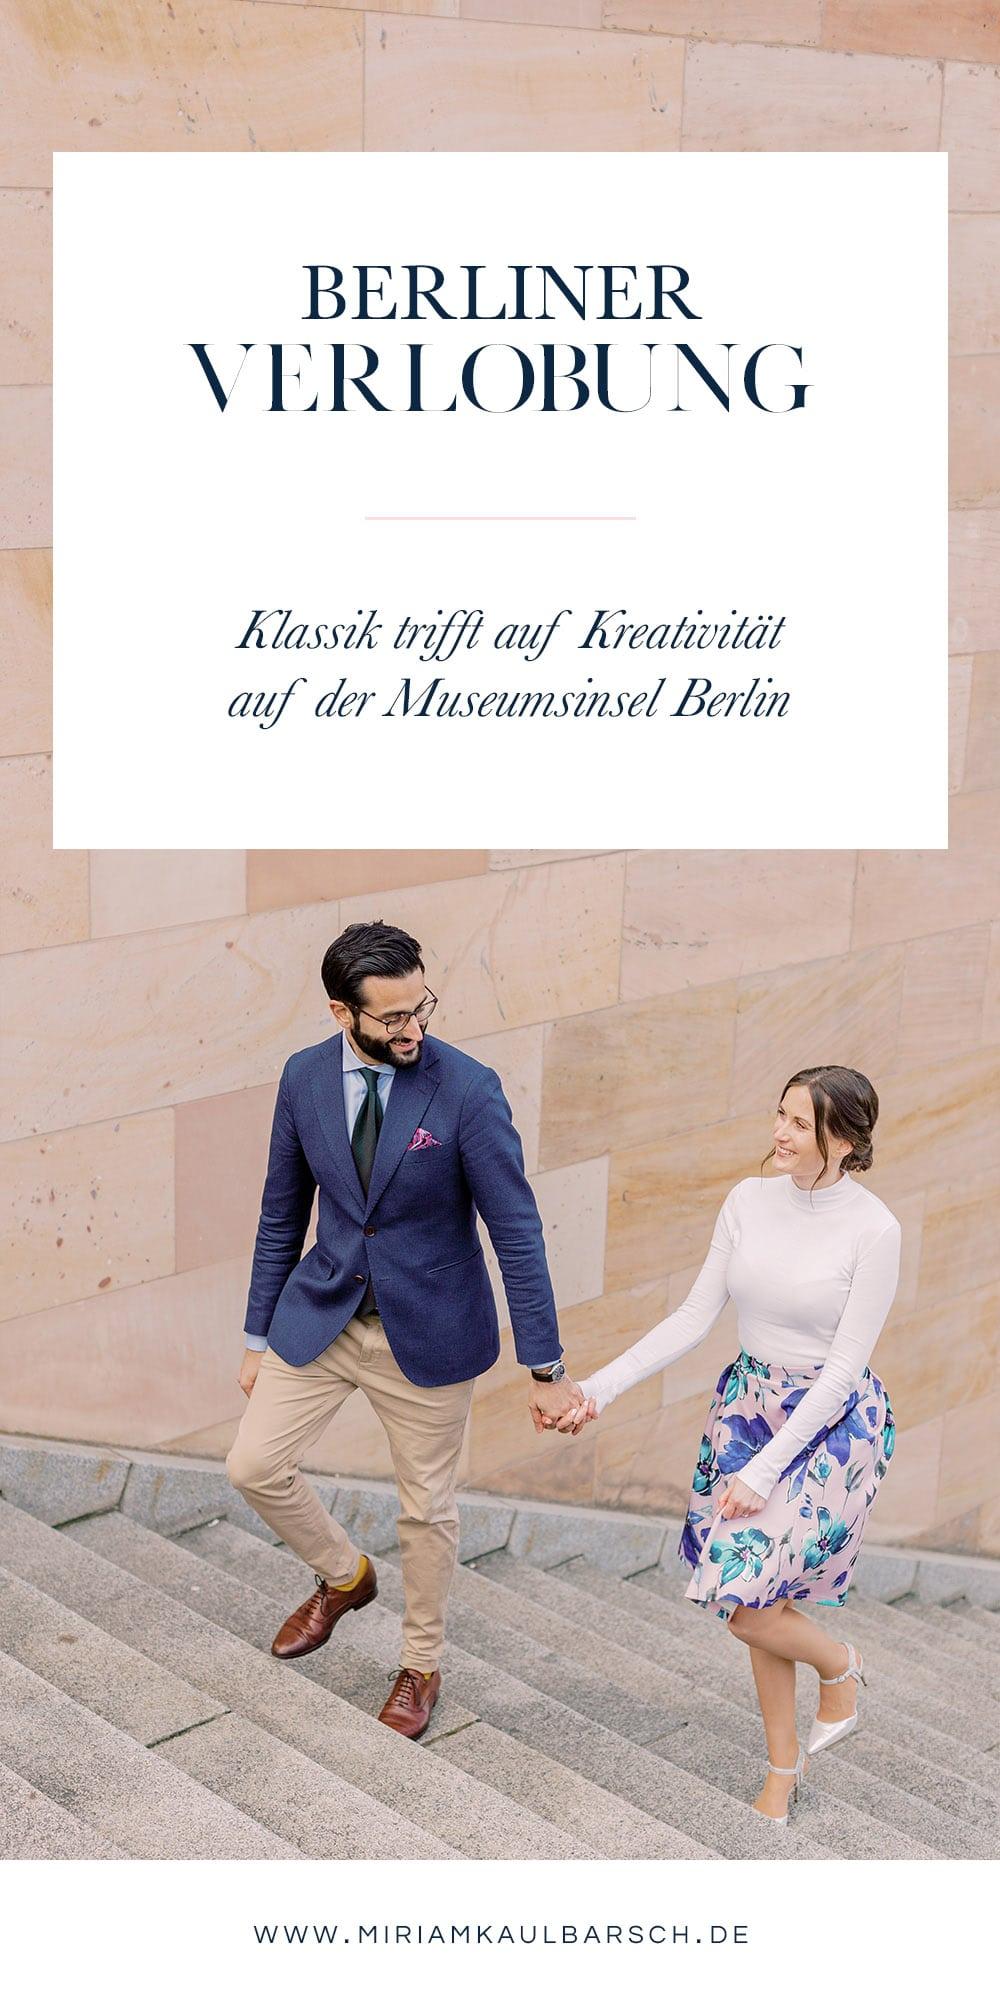 Berliner Verlobung - Klassik trifft auf Kreativität bei diesem Verlobungsshooting auf der Museumsinsel Berlin